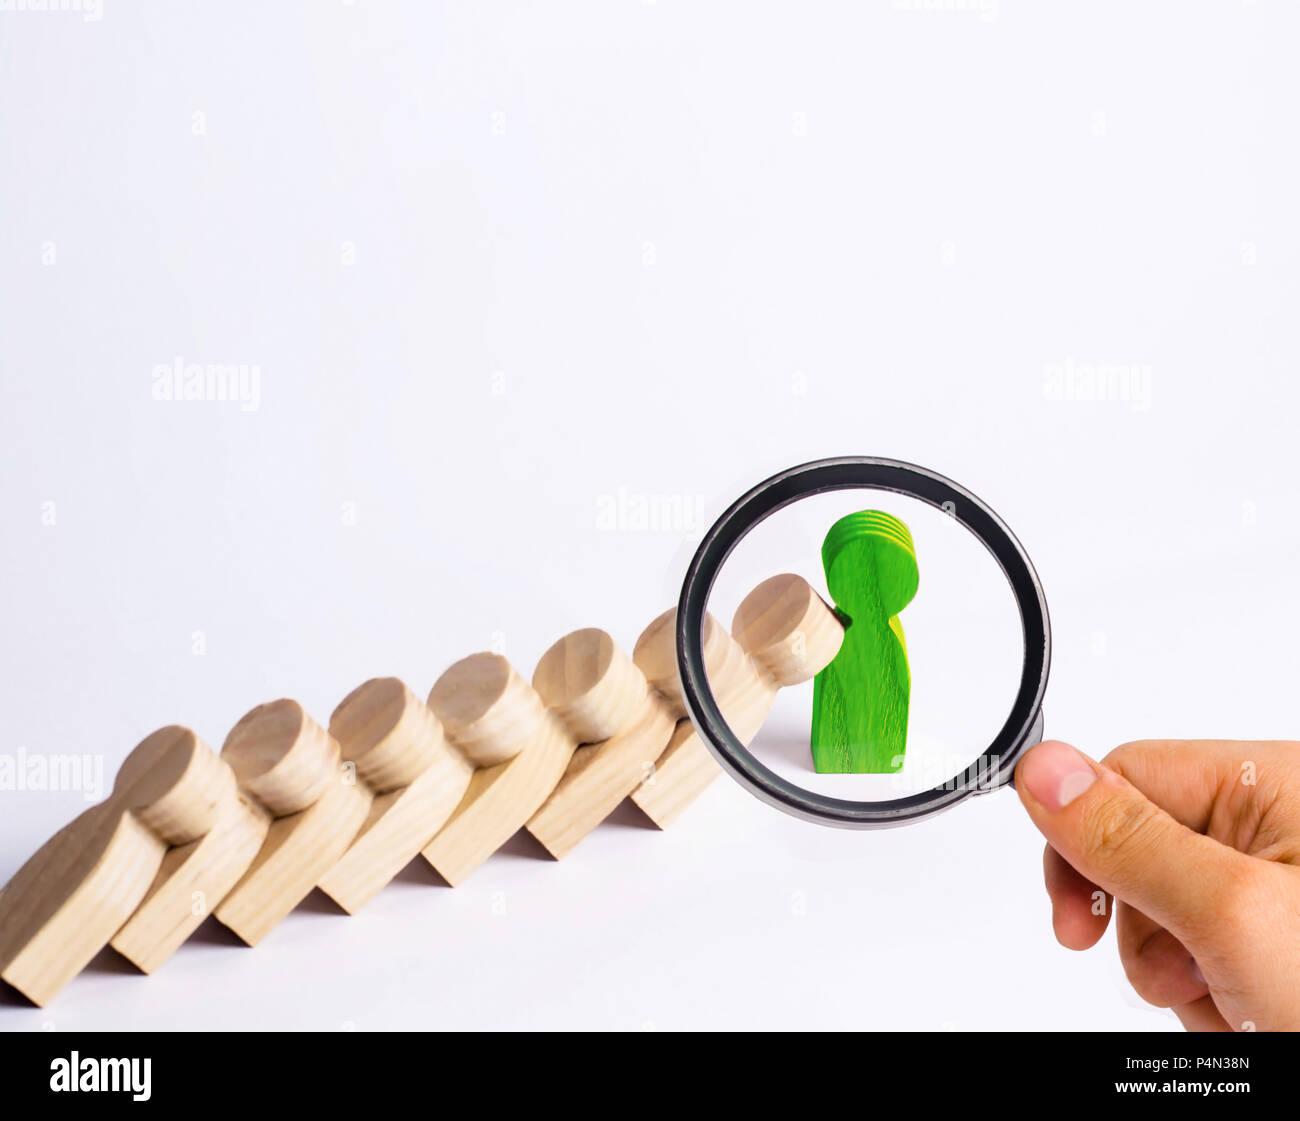 Personnes en ligne tombent comme des dominos. Green man arrête la chute de personnes comme des dominos. Le concept de durabilité et de résistance, des idées d'entreprise. La volonté, Photo Stock